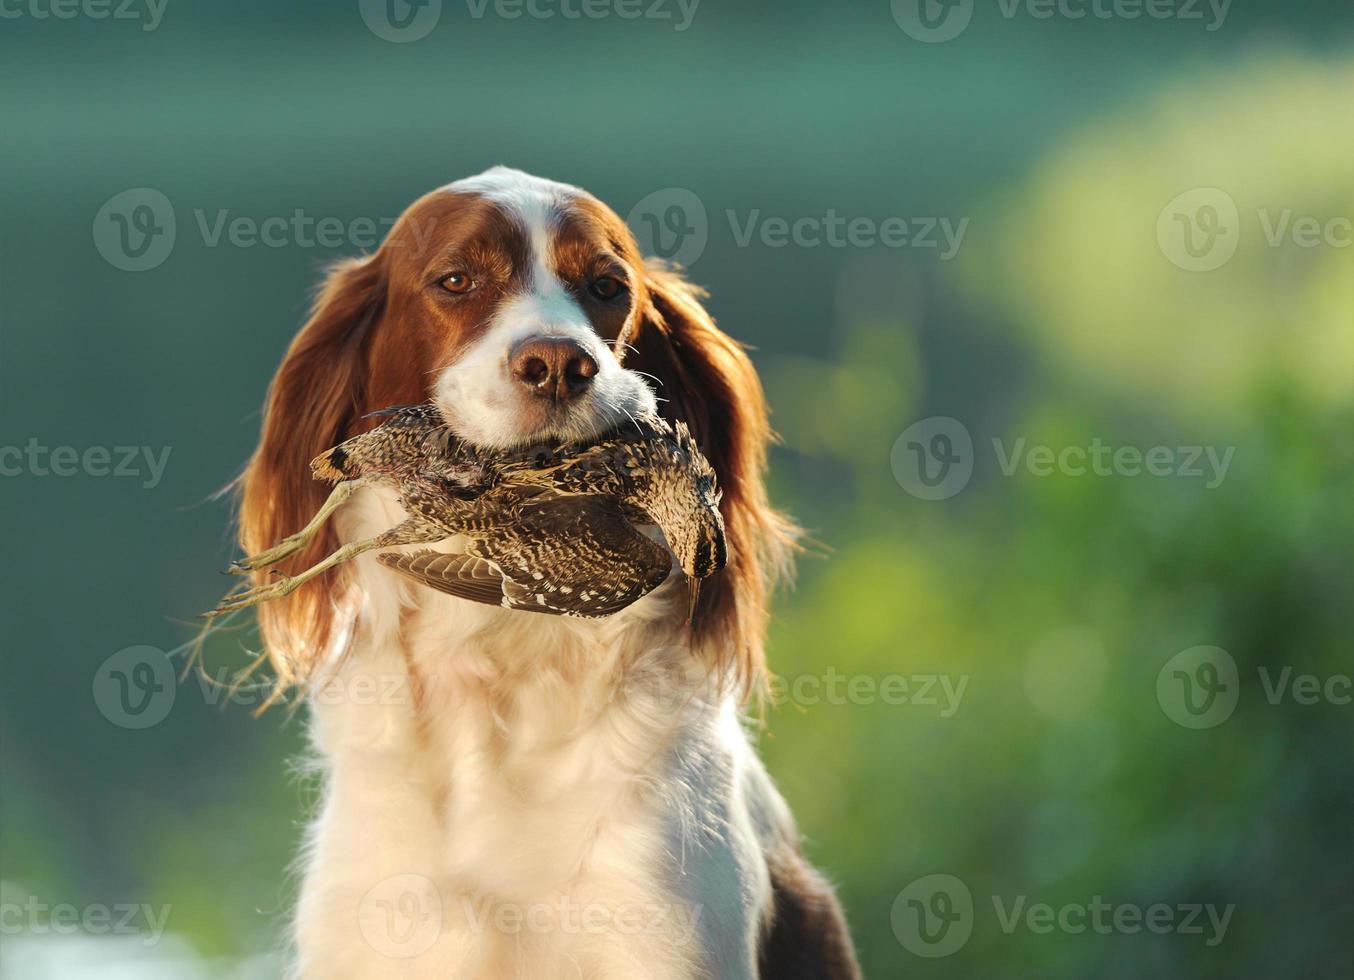 jachthond bedrijf in tanden watersnip foto